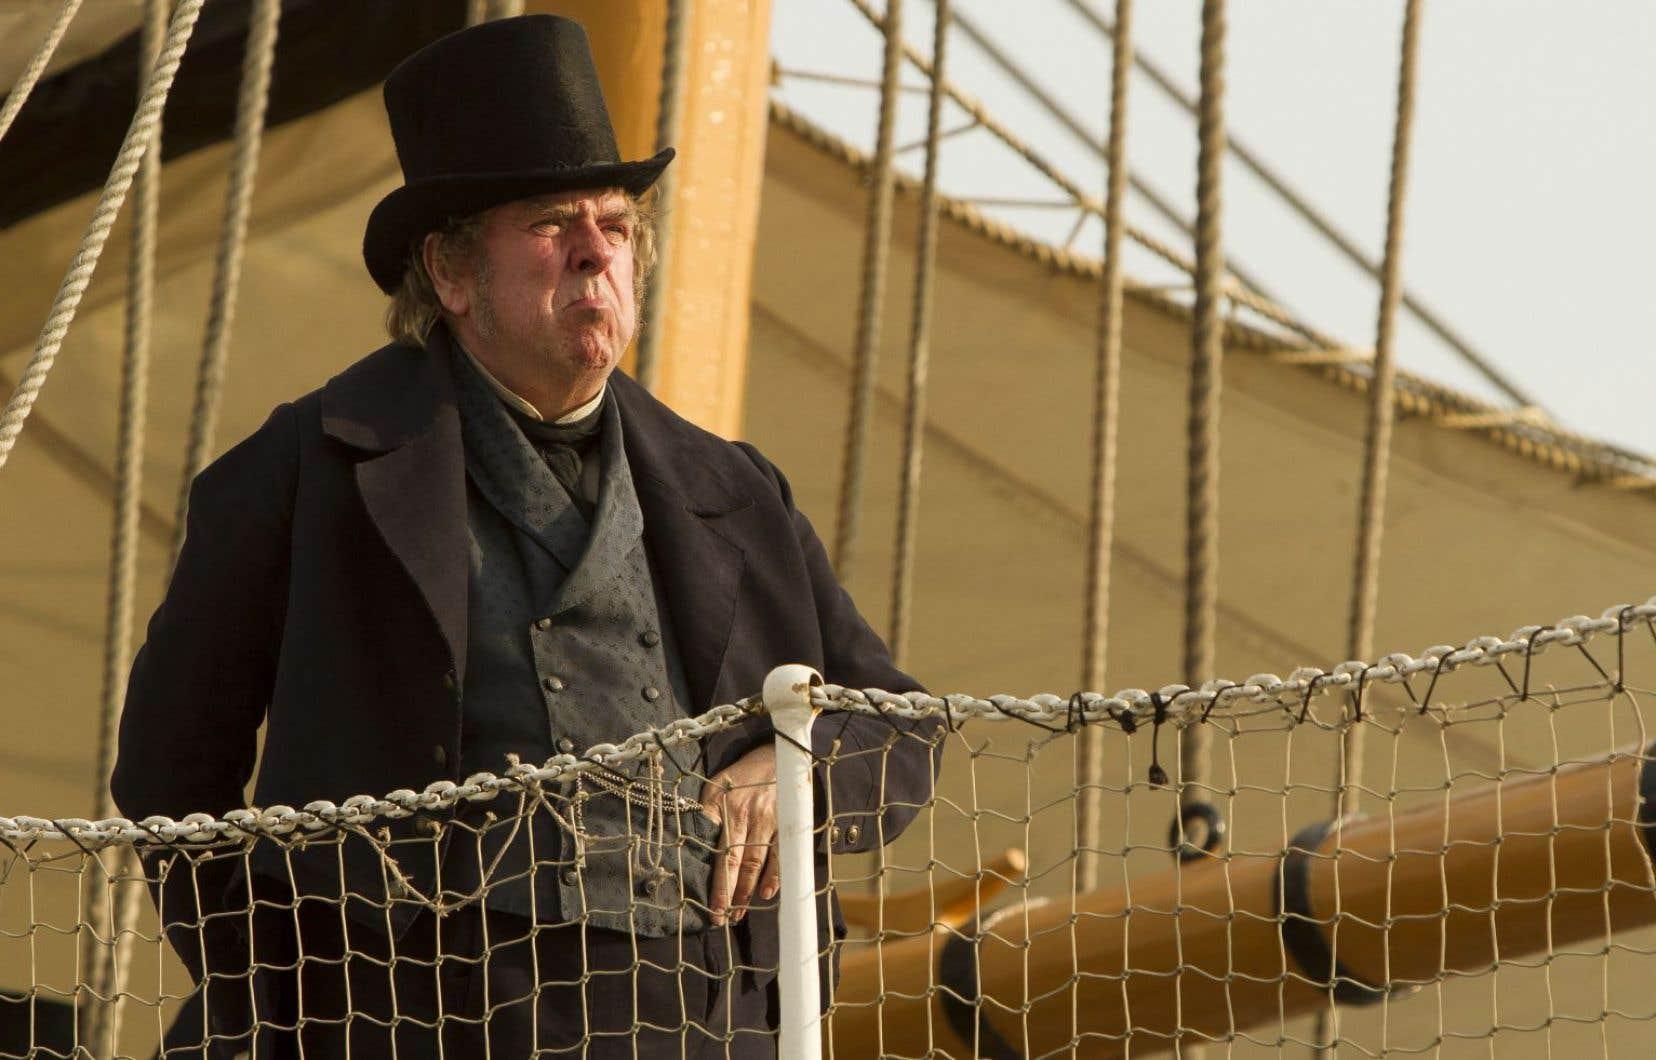 Une scène tirée du film <em>Mr. Turner</em> du réalisateur Mike Leigh, avec Timothy Spall dans le rôle du grand peintre britannique Turner.